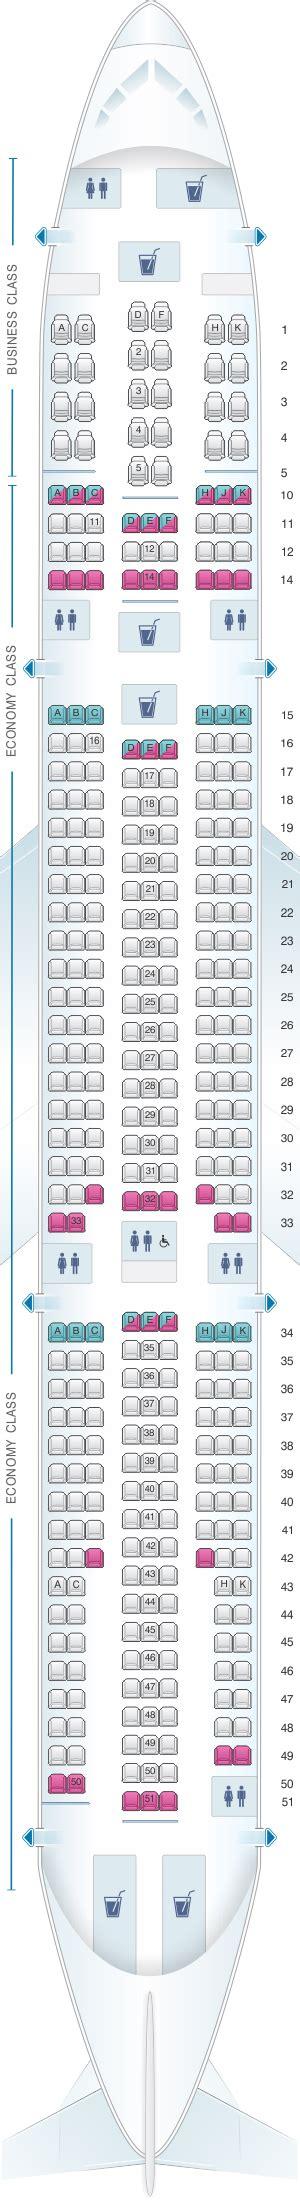 corsair choisir siege plan de cabine corsair airbus a330 300 seatmaestro fr